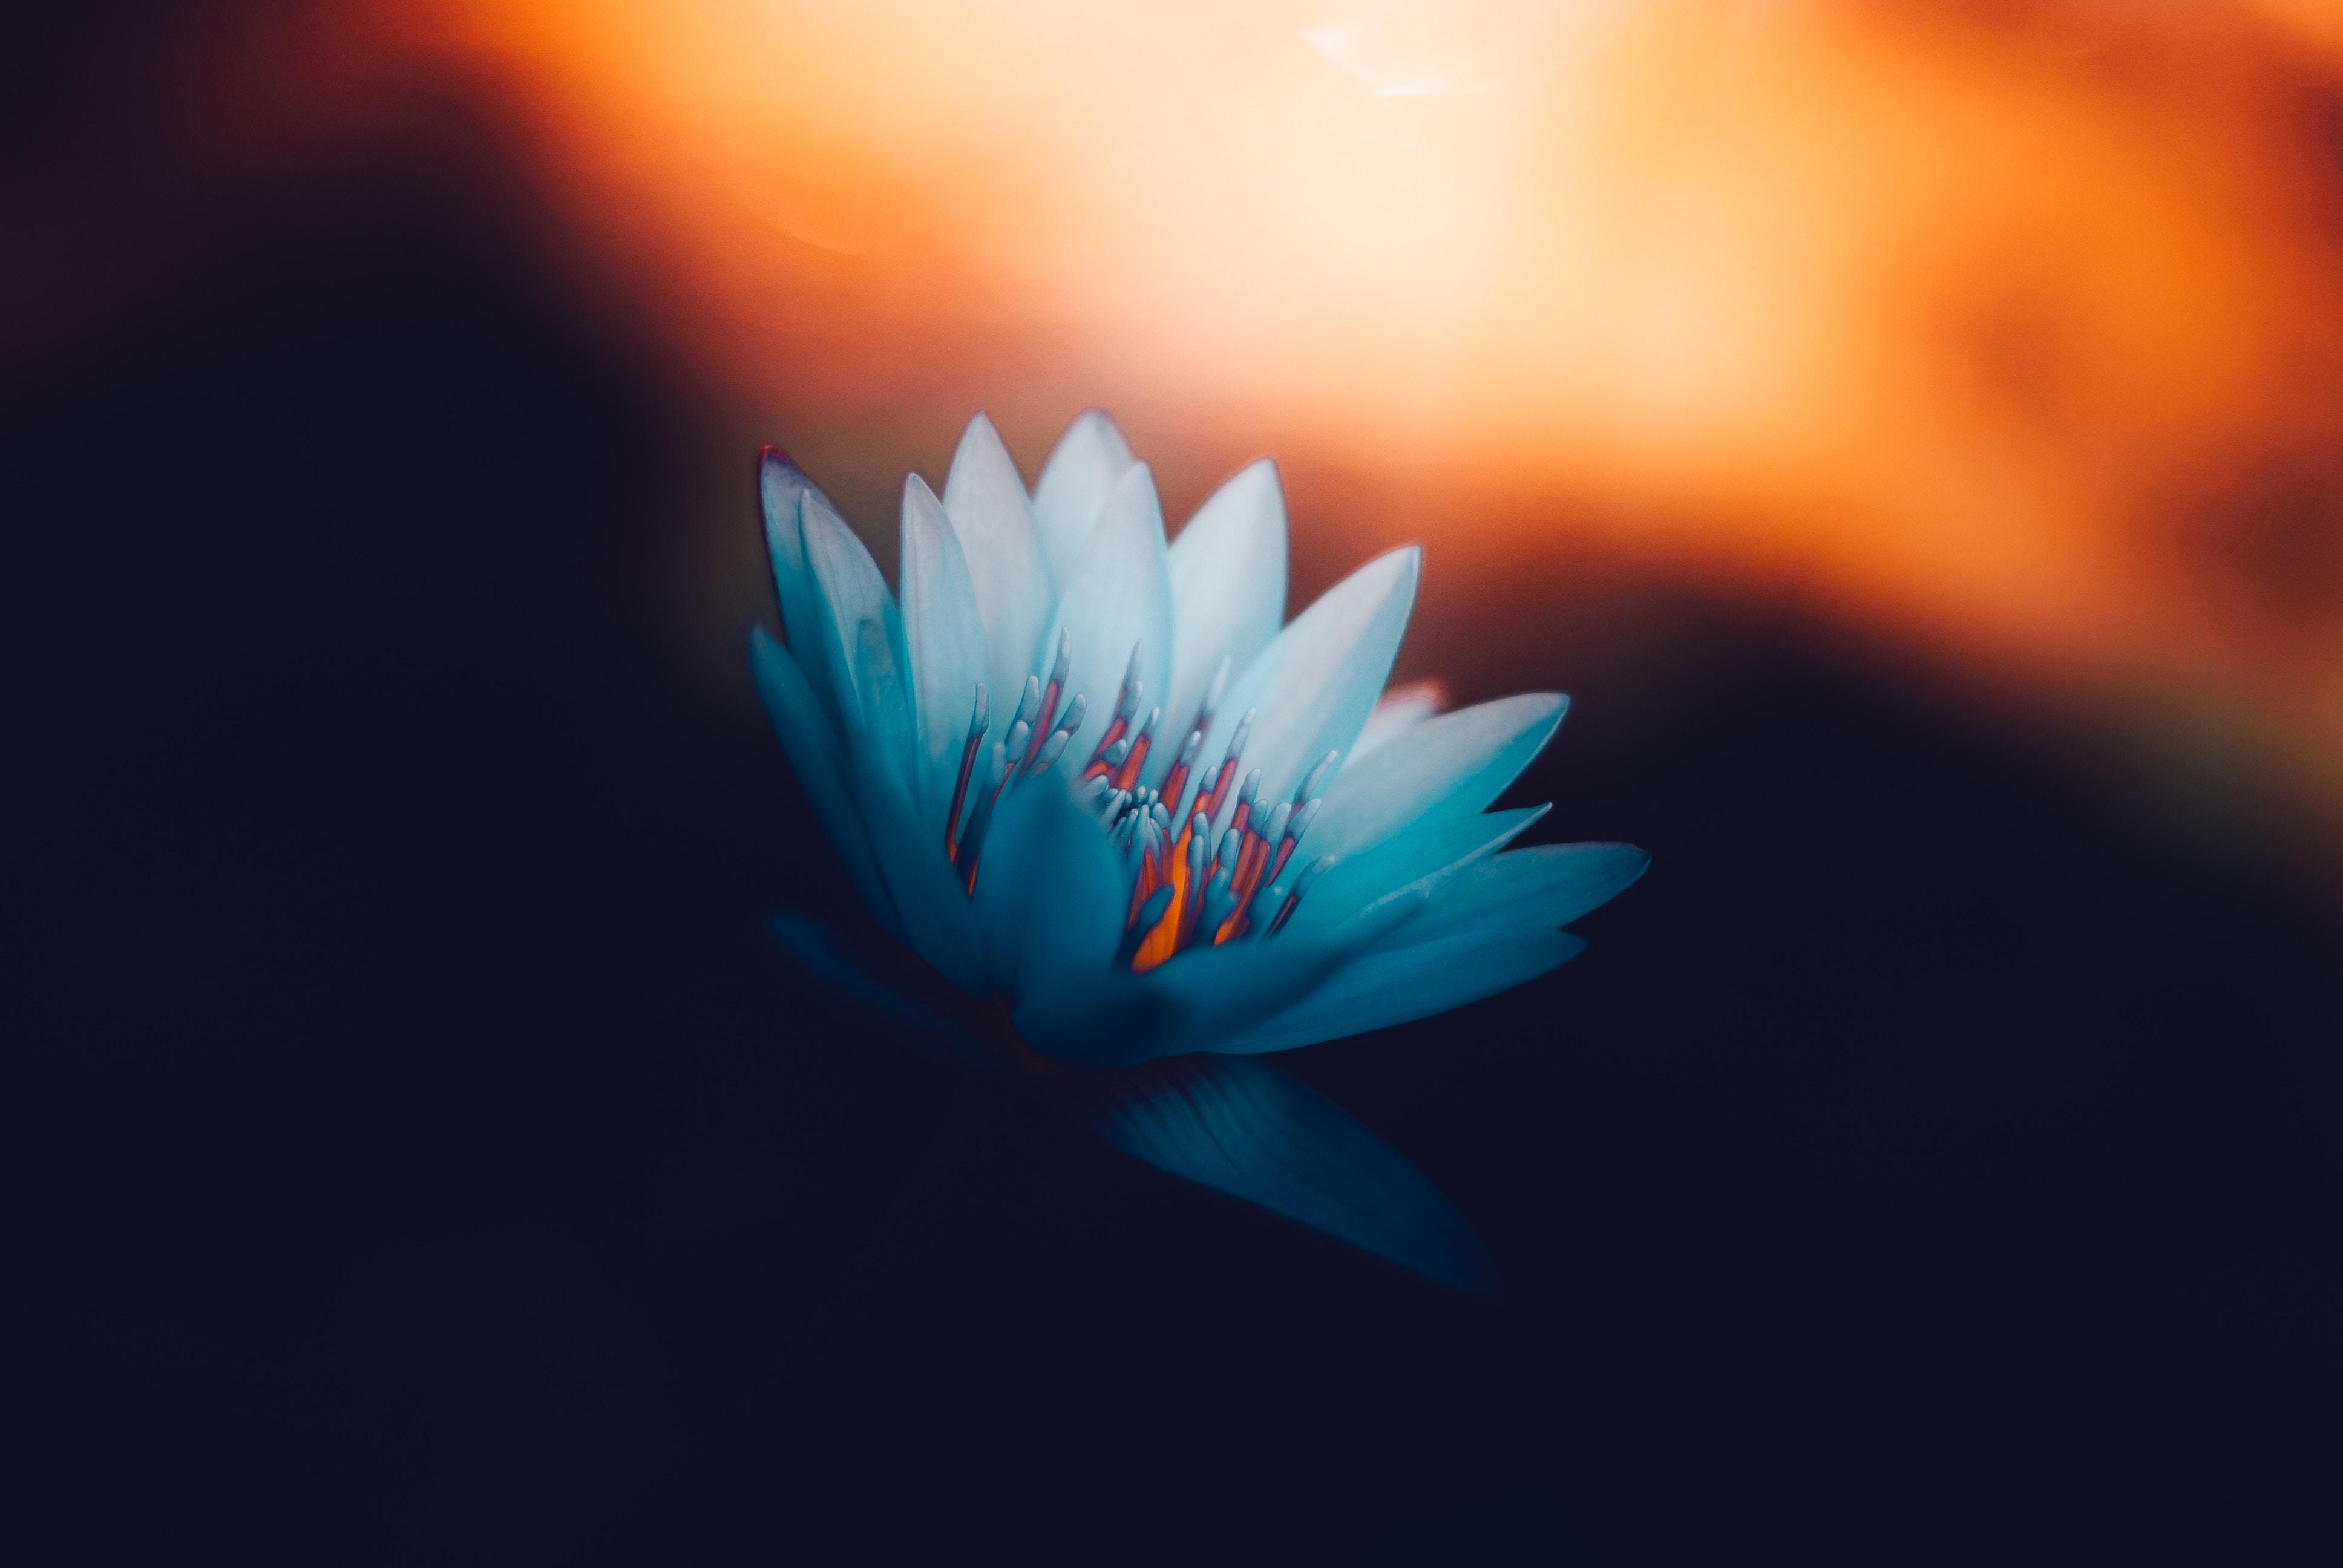 56046 Hintergrundbild herunterladen Blumen, Lotus, Scheinen, Licht, Blütenblätter, Blühen, Blühenden - Bildschirmschoner und Bilder kostenlos